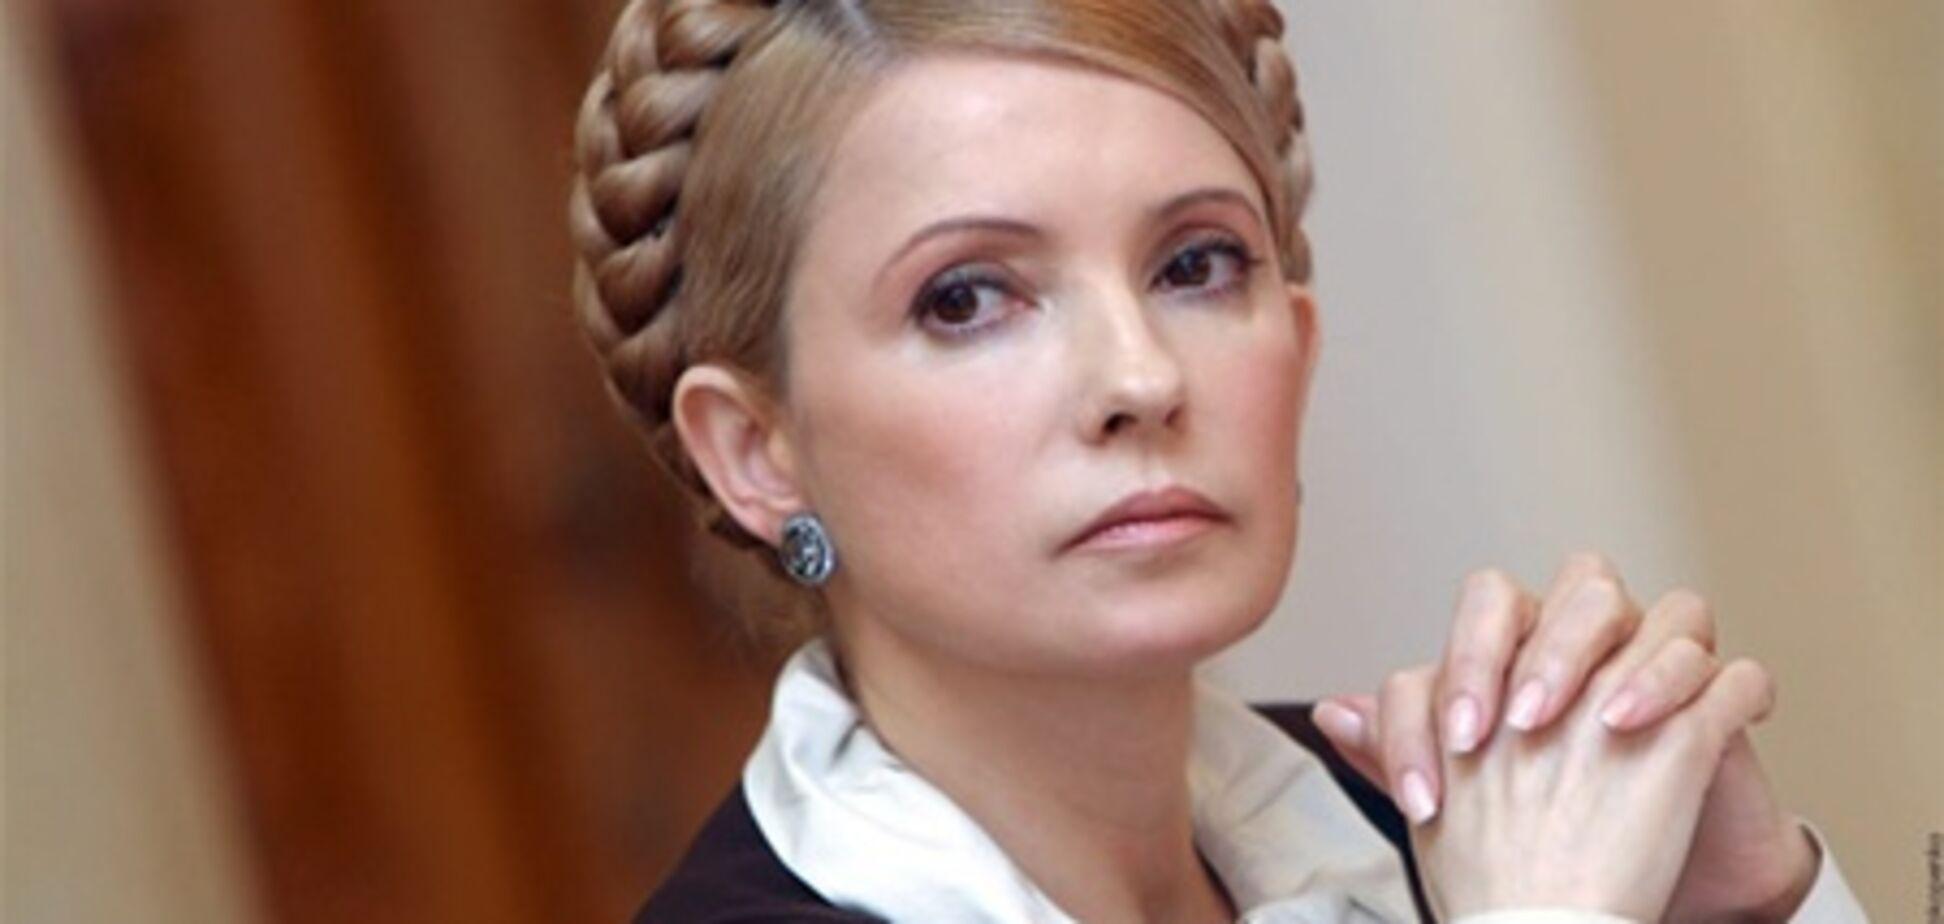 Тимошенко вважає, що її труять за допомогою косметики